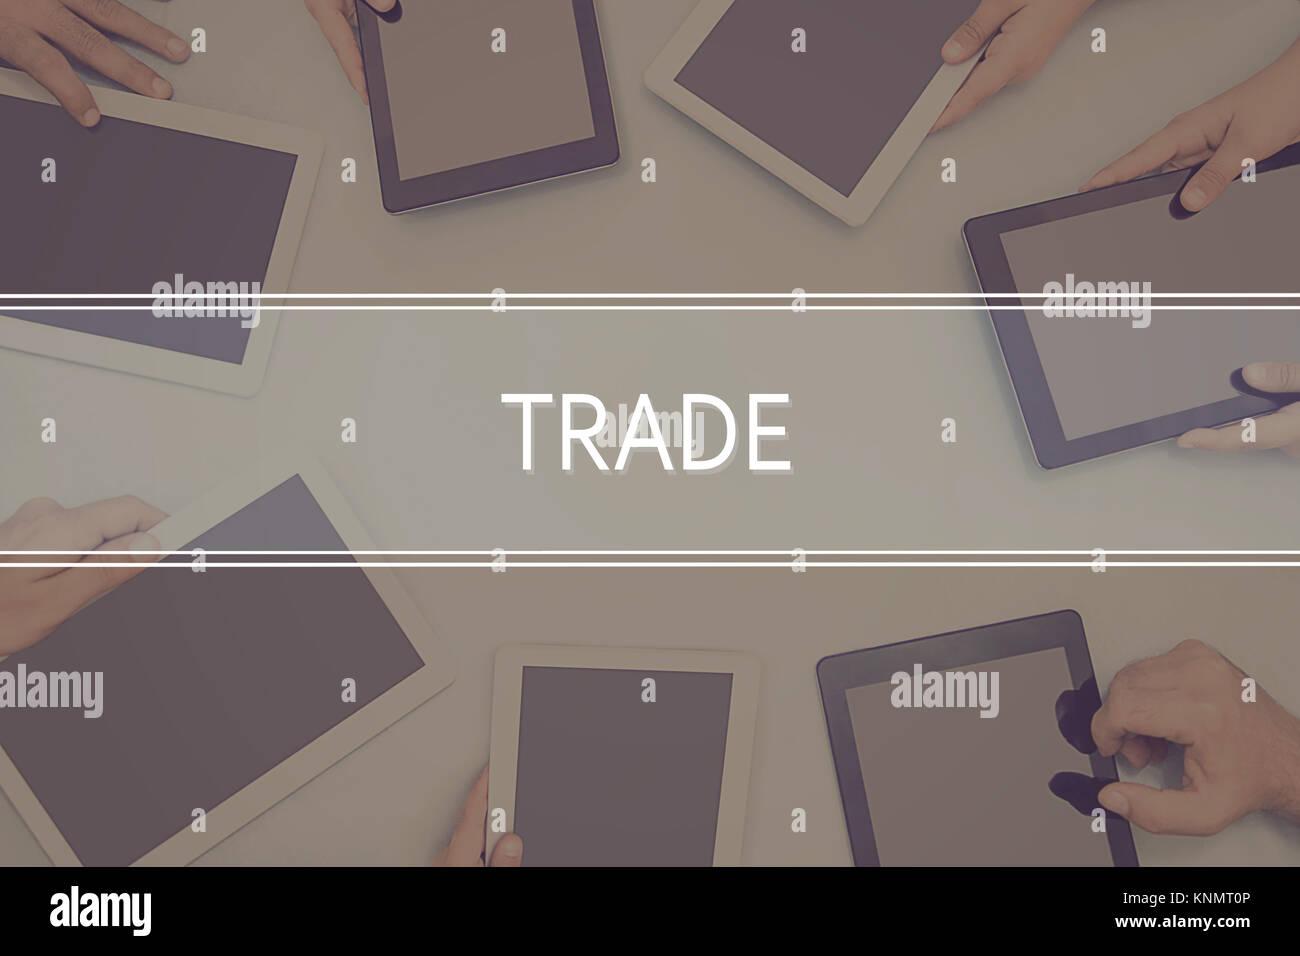 Concetto di commercio il concetto di business. Immagini Stock